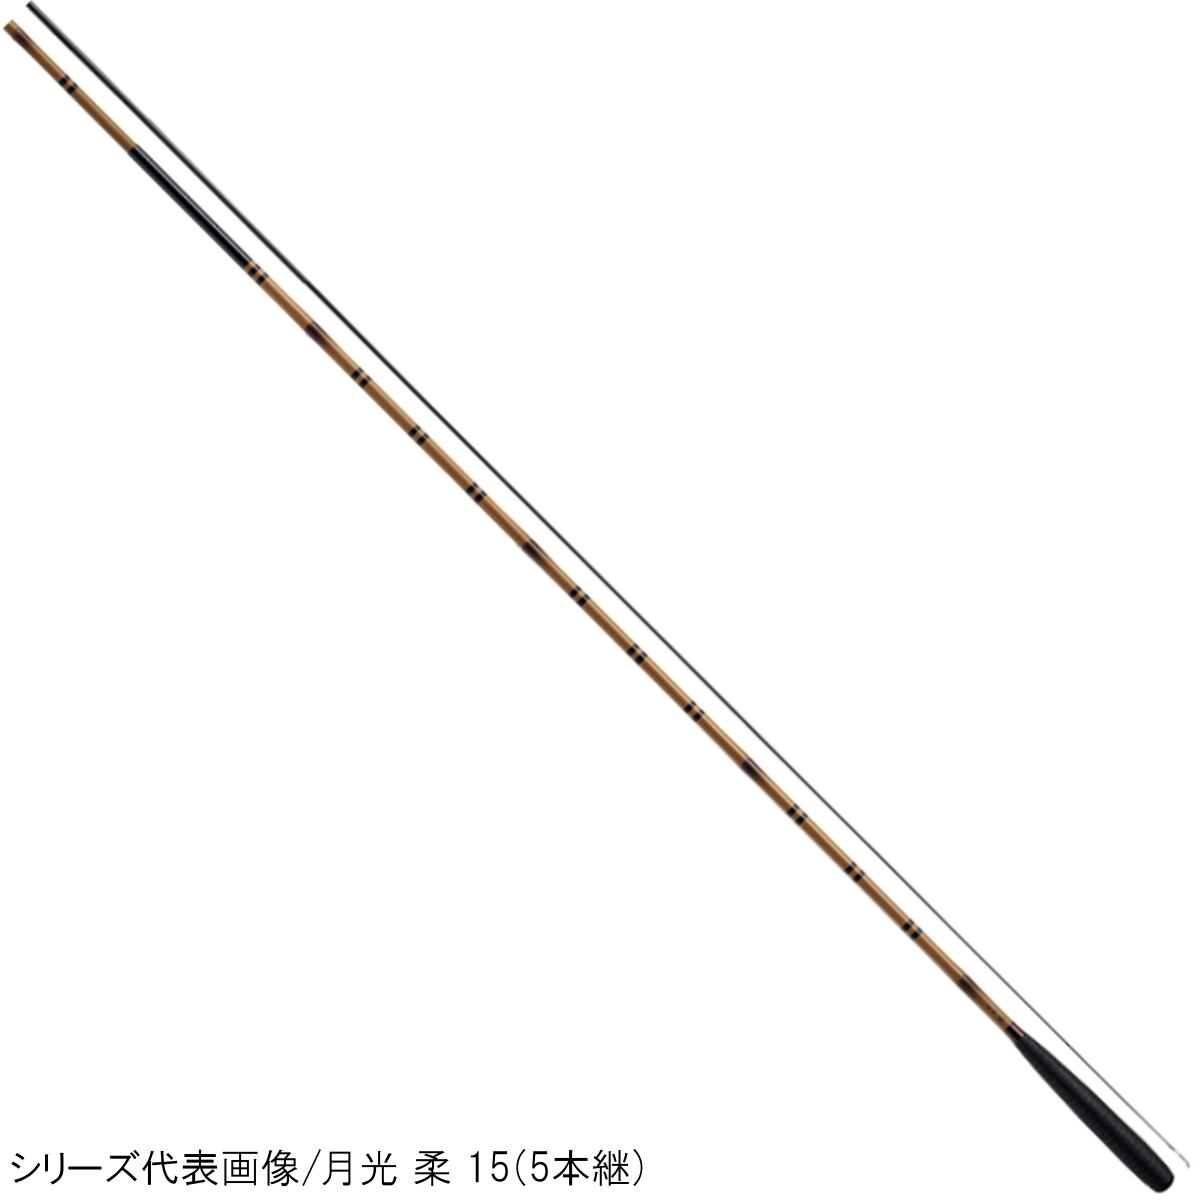 ダイワ 月光 柔 14(東日本店)